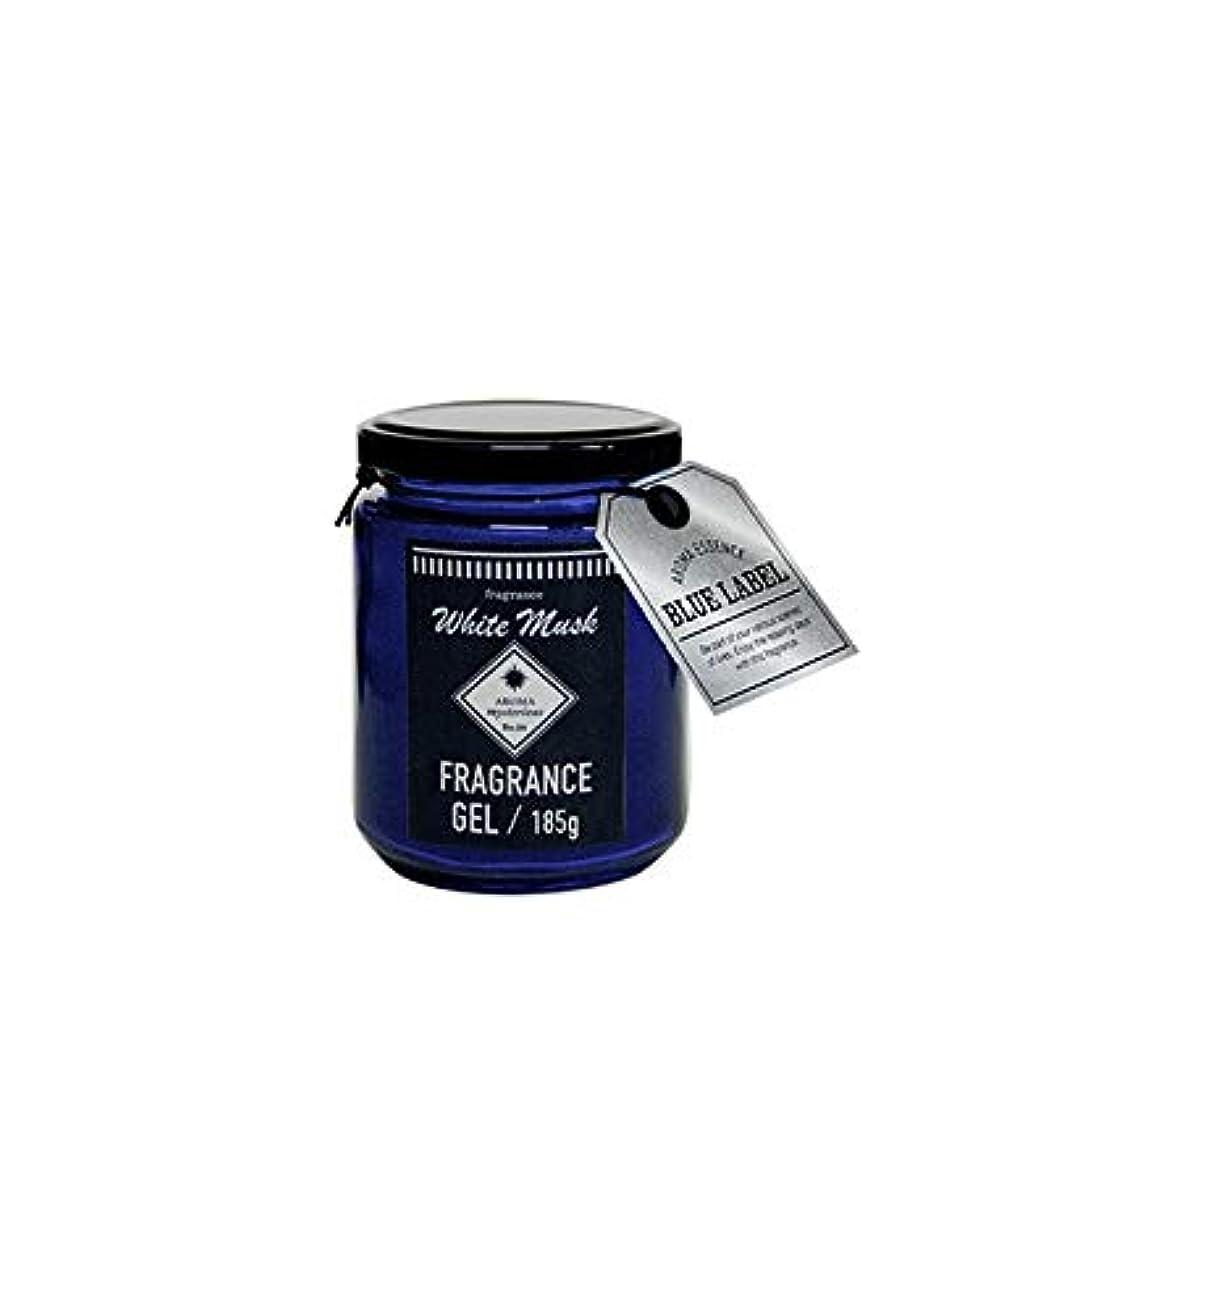 ドック薬局バレエアロマエッセンスブルーラベル フレグランスジェル185g ホワイトムスク(消臭除菌 日本製 誰もが好む香り)